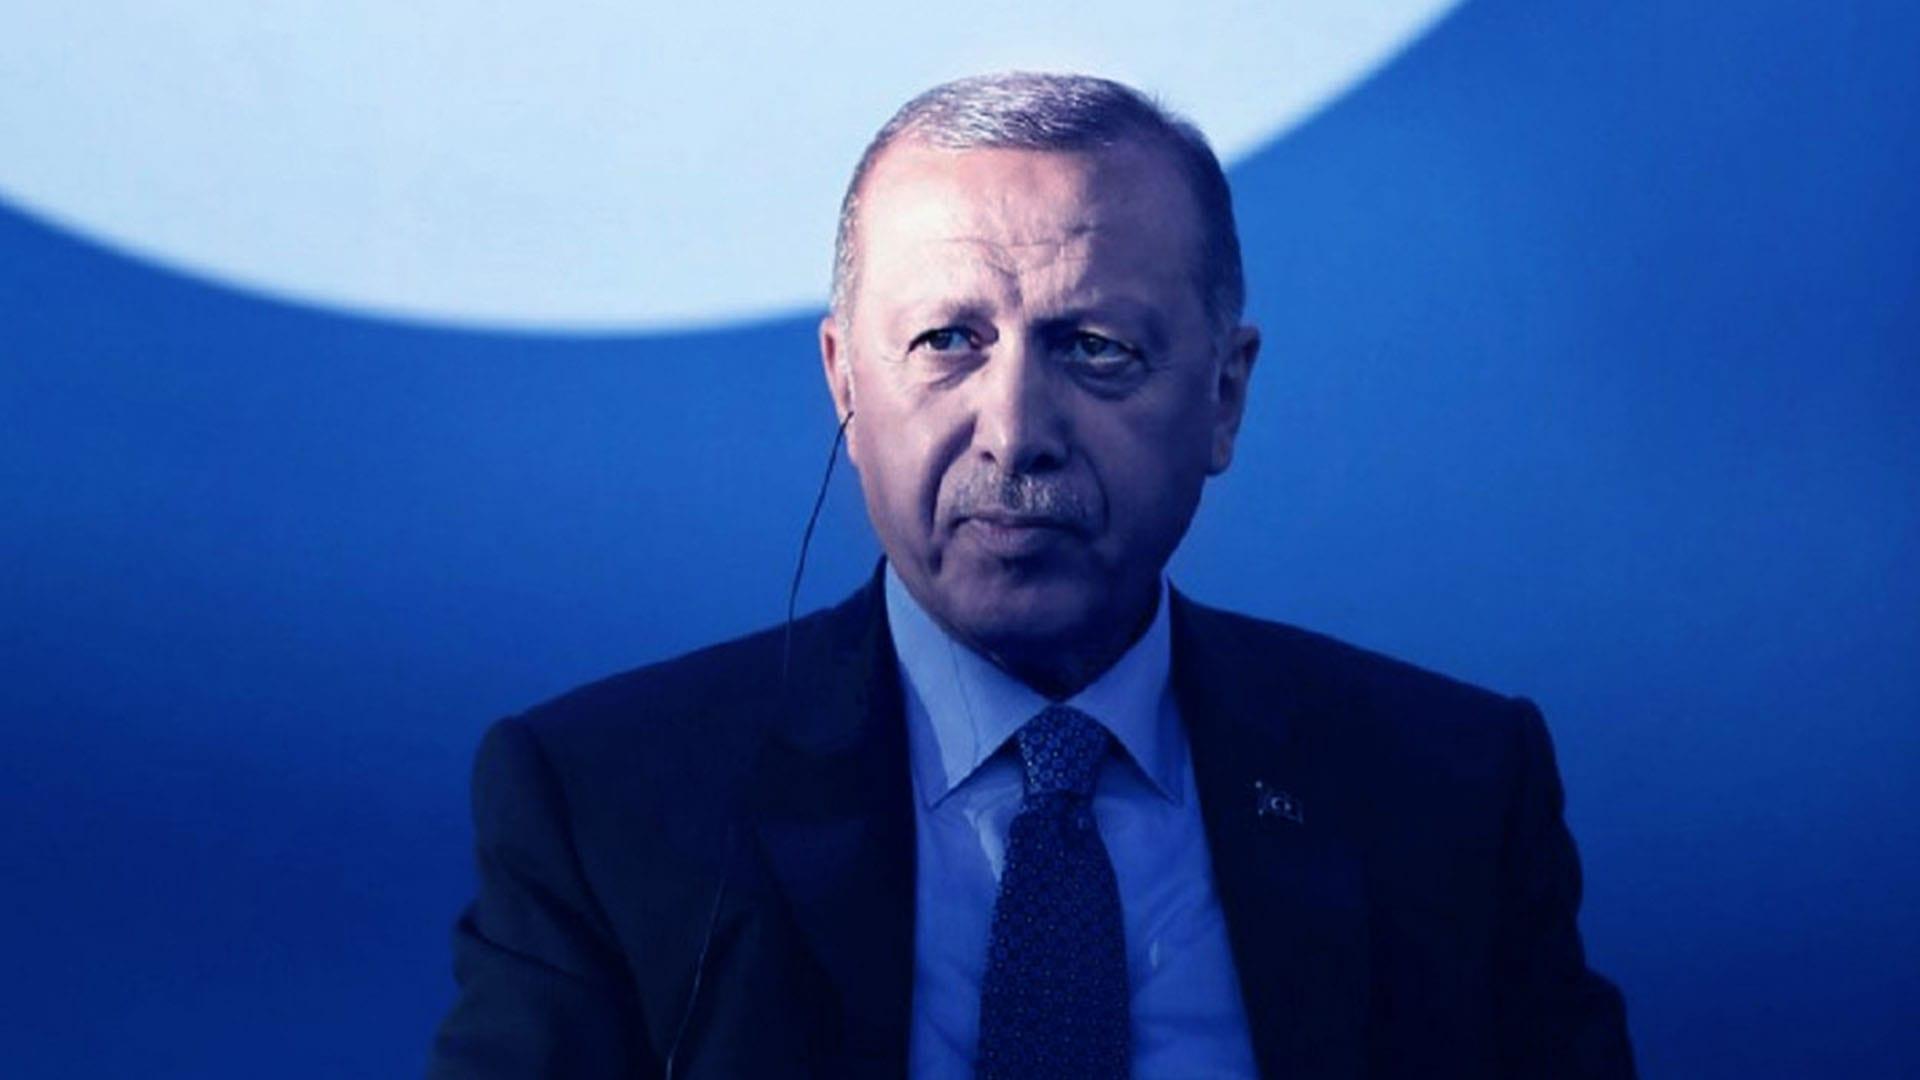 Recep Tayyip Erdogan sta portando la Turchia verso una politica autoritaria e aggressiva